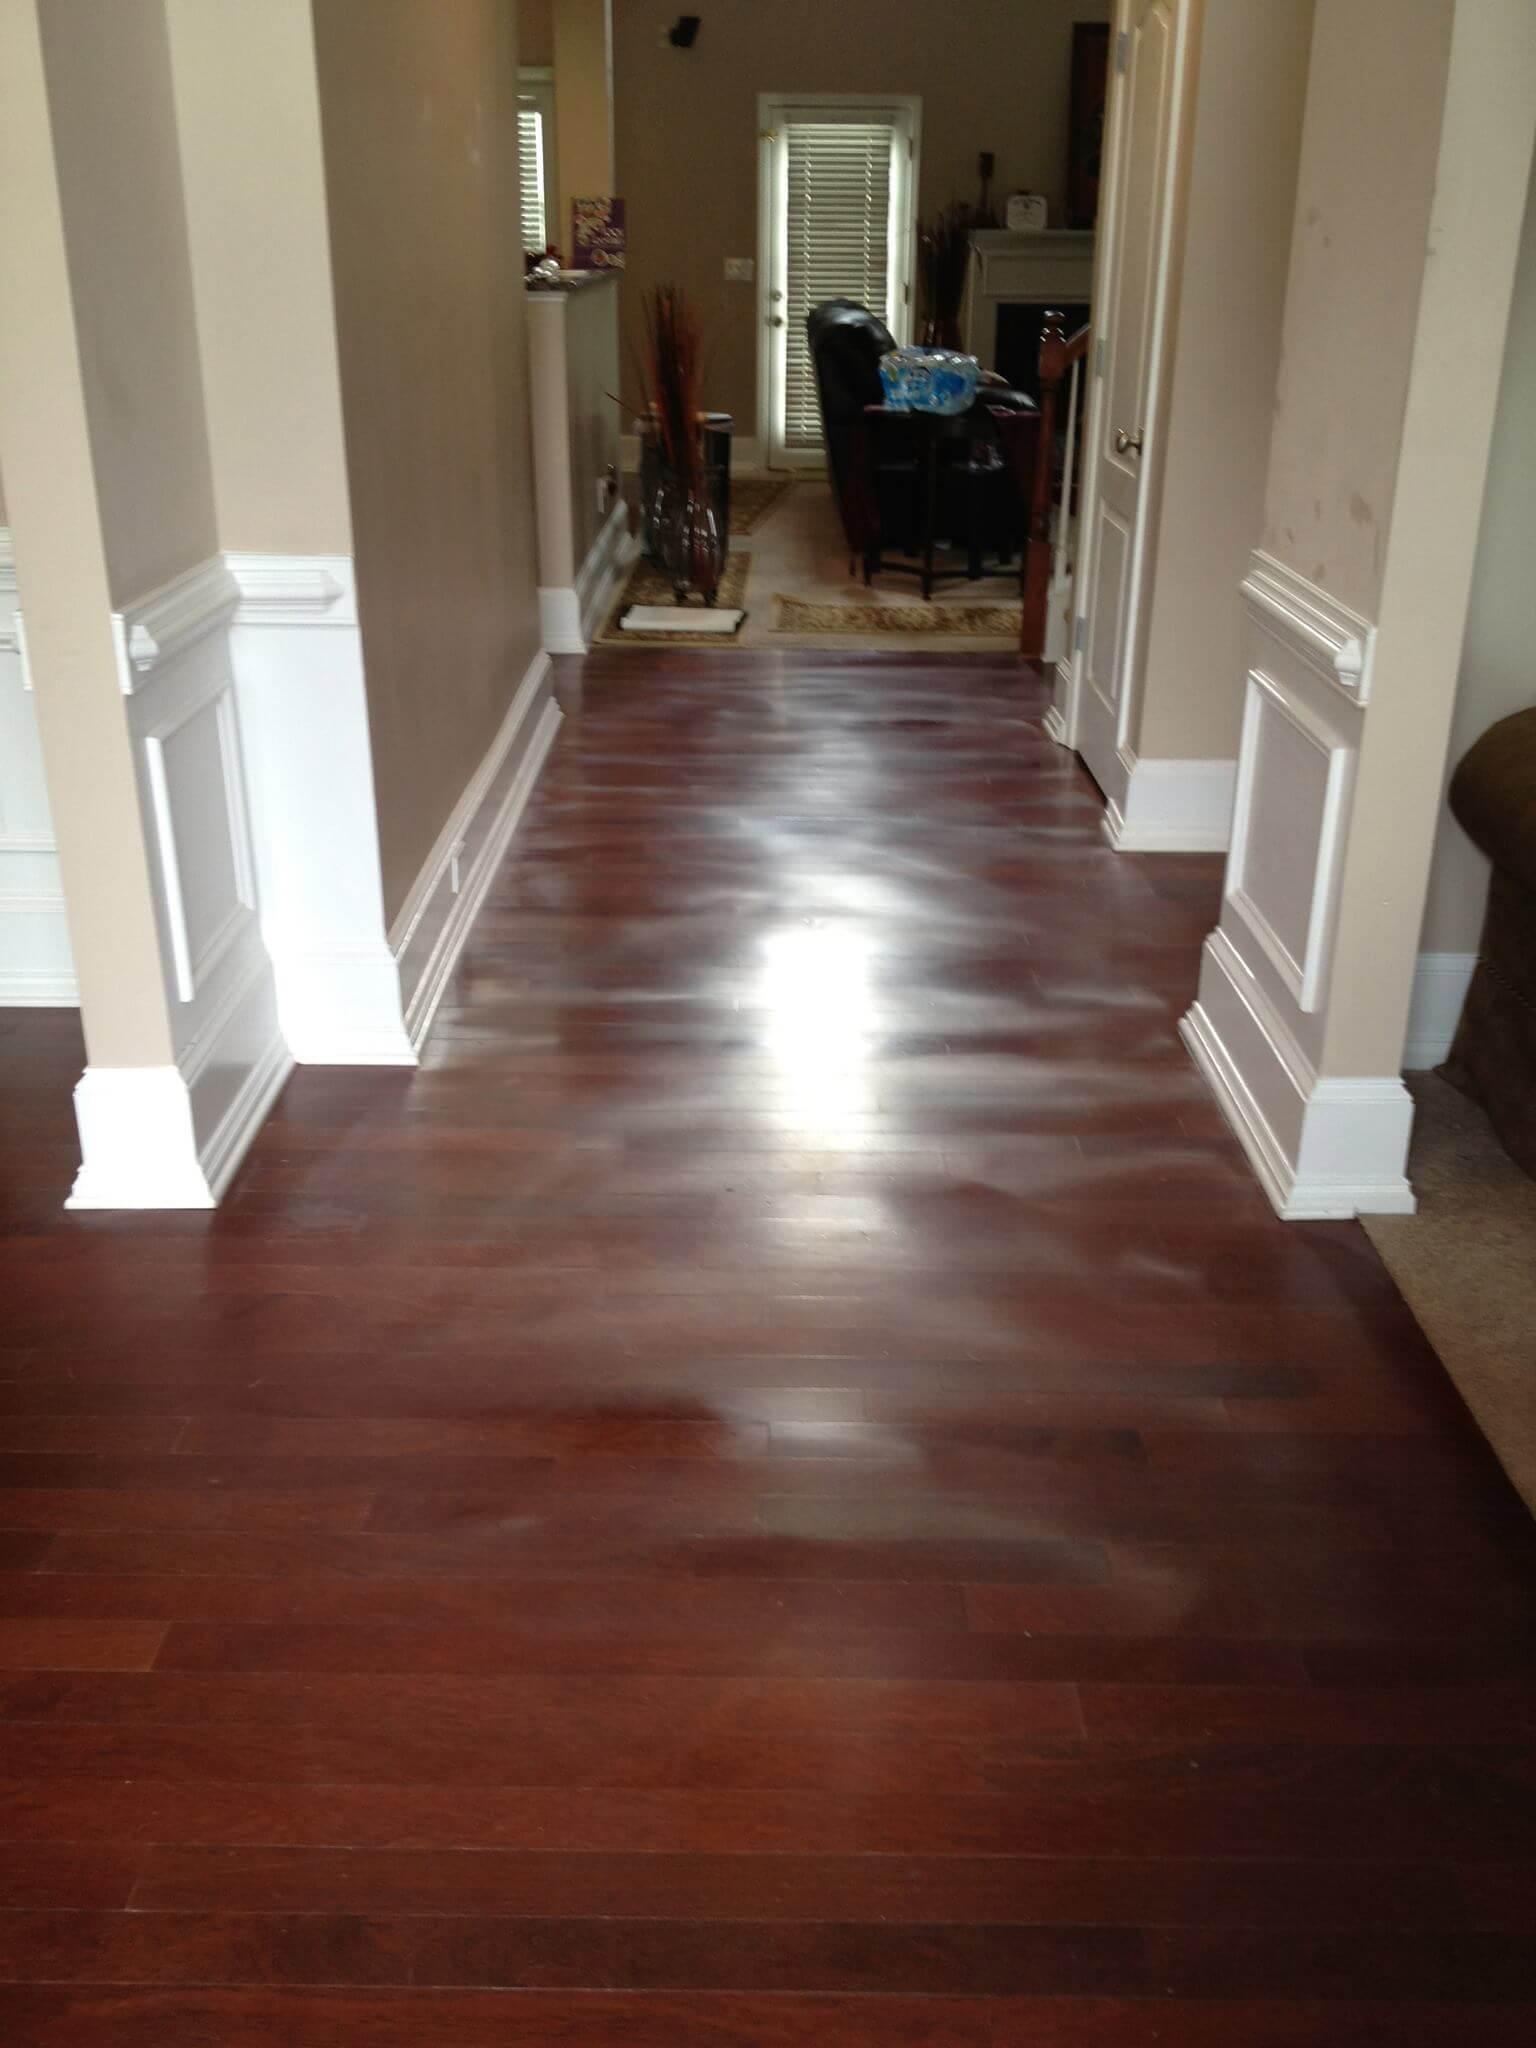 hardwood floor showing severe signs of warping